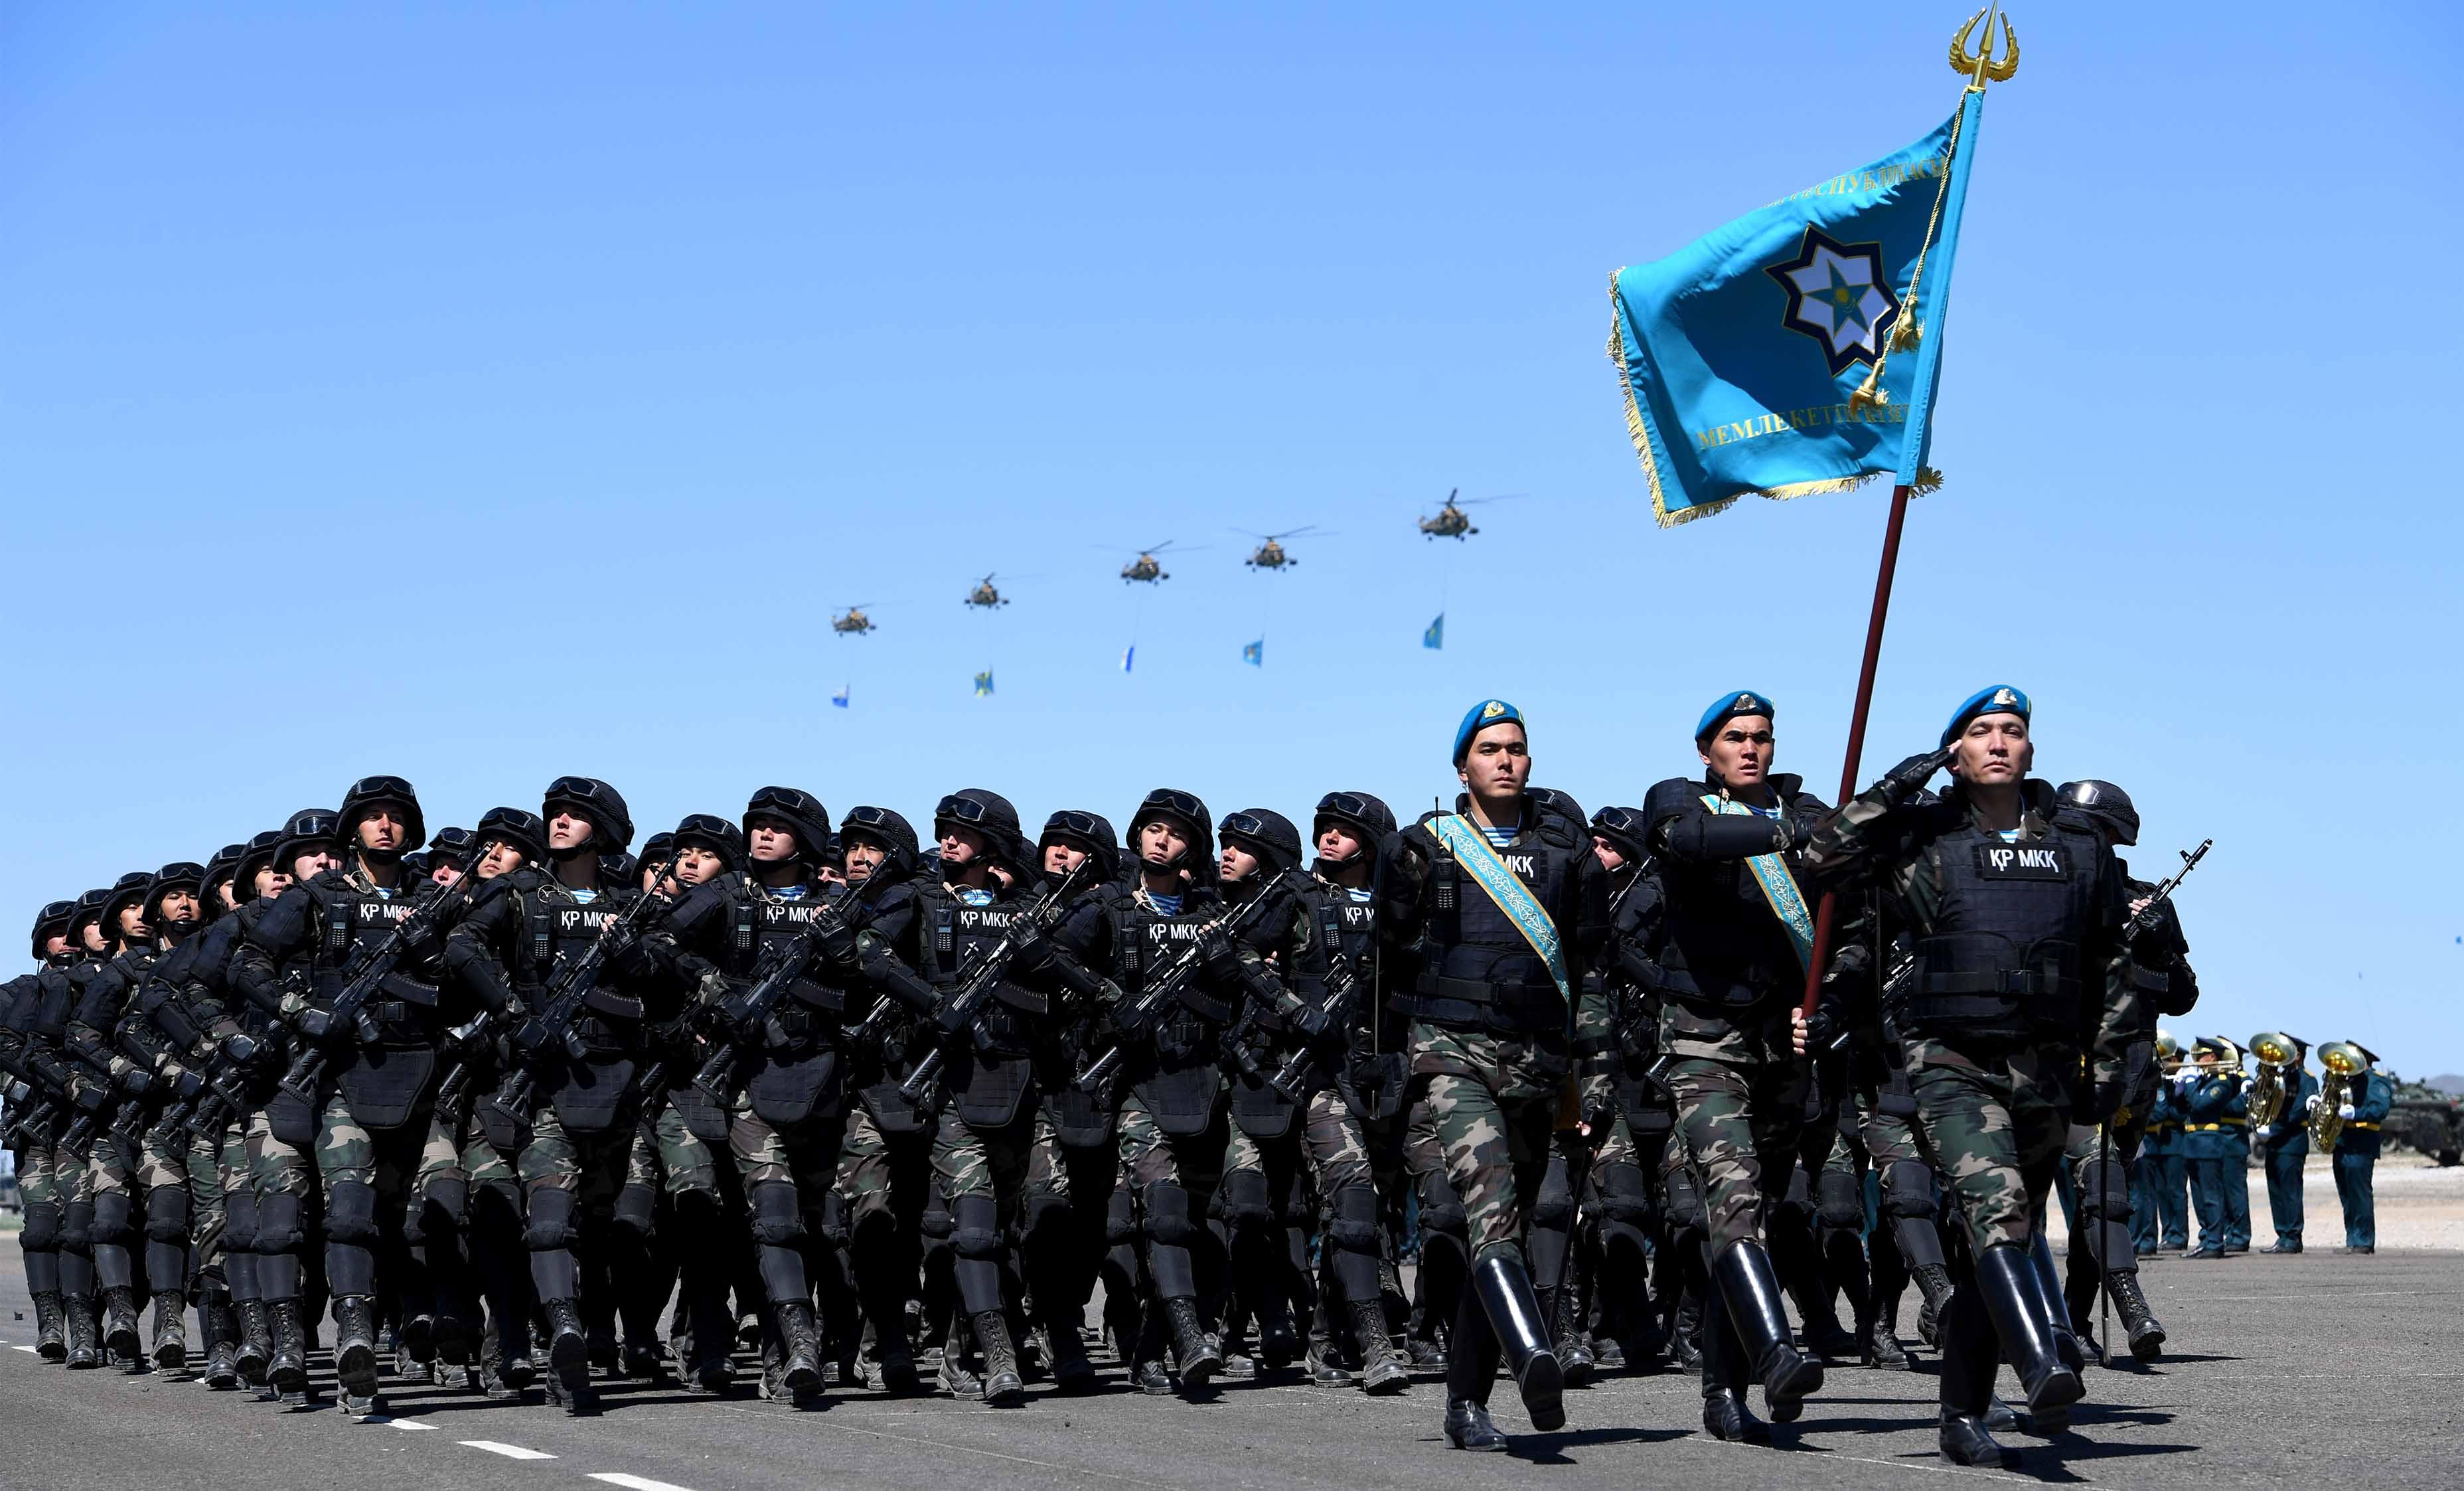 Казахстанская армия: действительно ли она слабее узбекской и украинской?